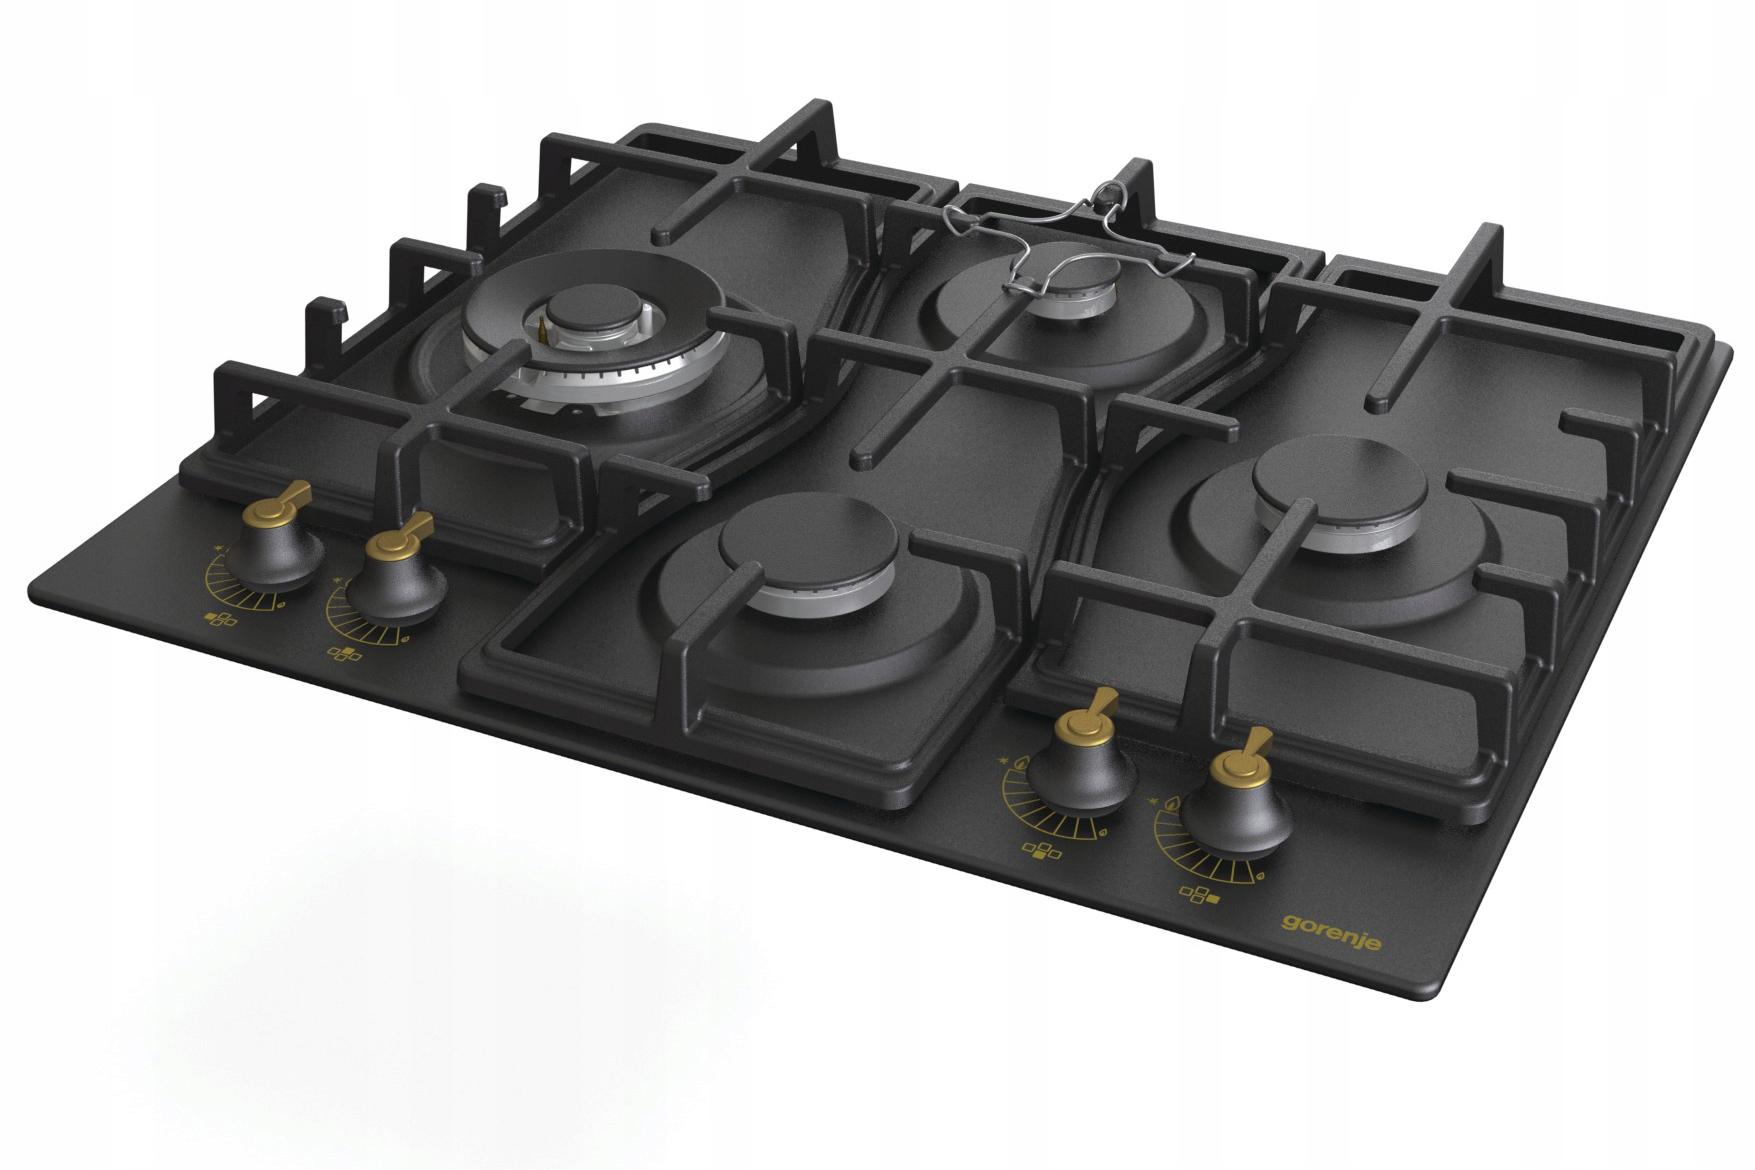 Retro plynová varná doska GORENJE GW6D41CLB v matnej čiernej farbe